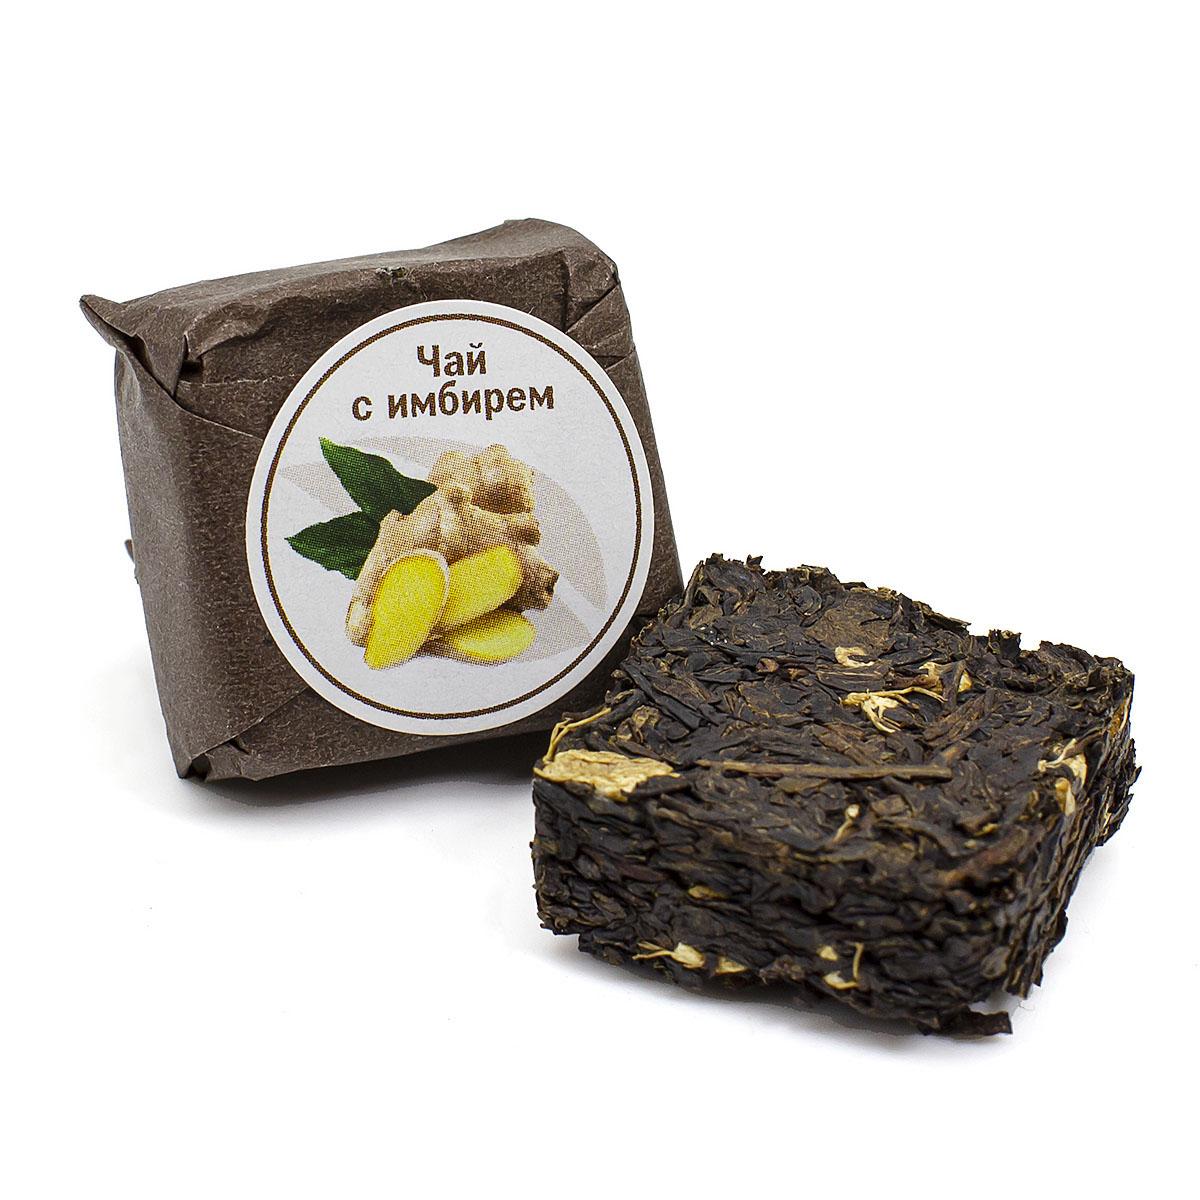 Чай с имбирем прессованный, кубик 5-7 г для похудения чай с имбирем